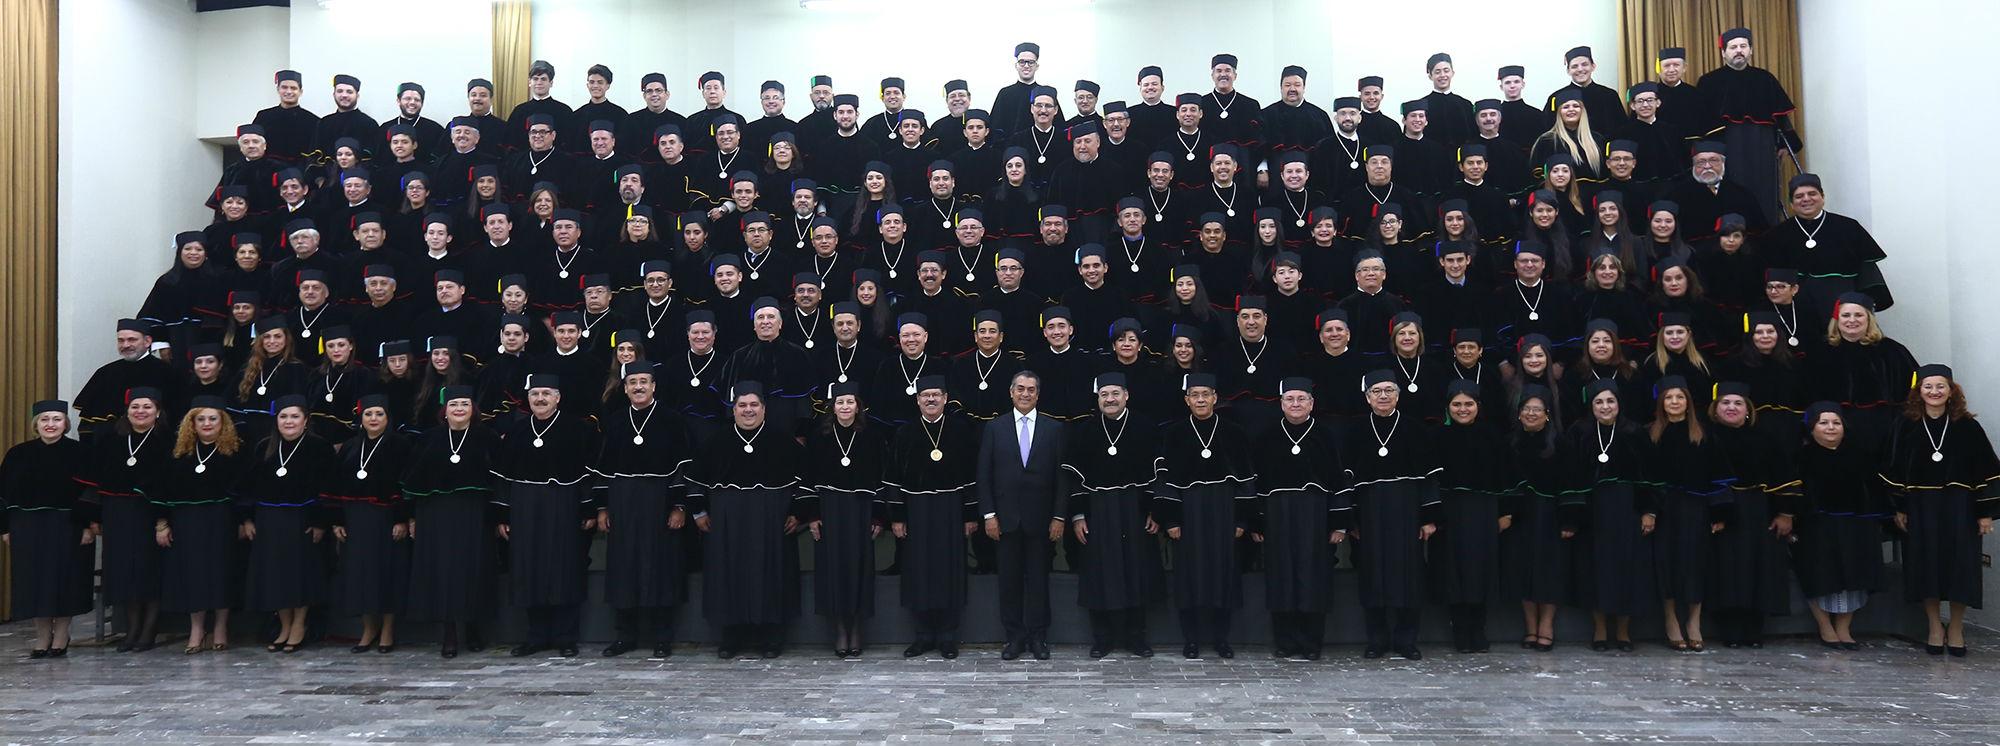 Directores de escuelas preparatorias y facultades, así como estudiantes en la fotografía oficial